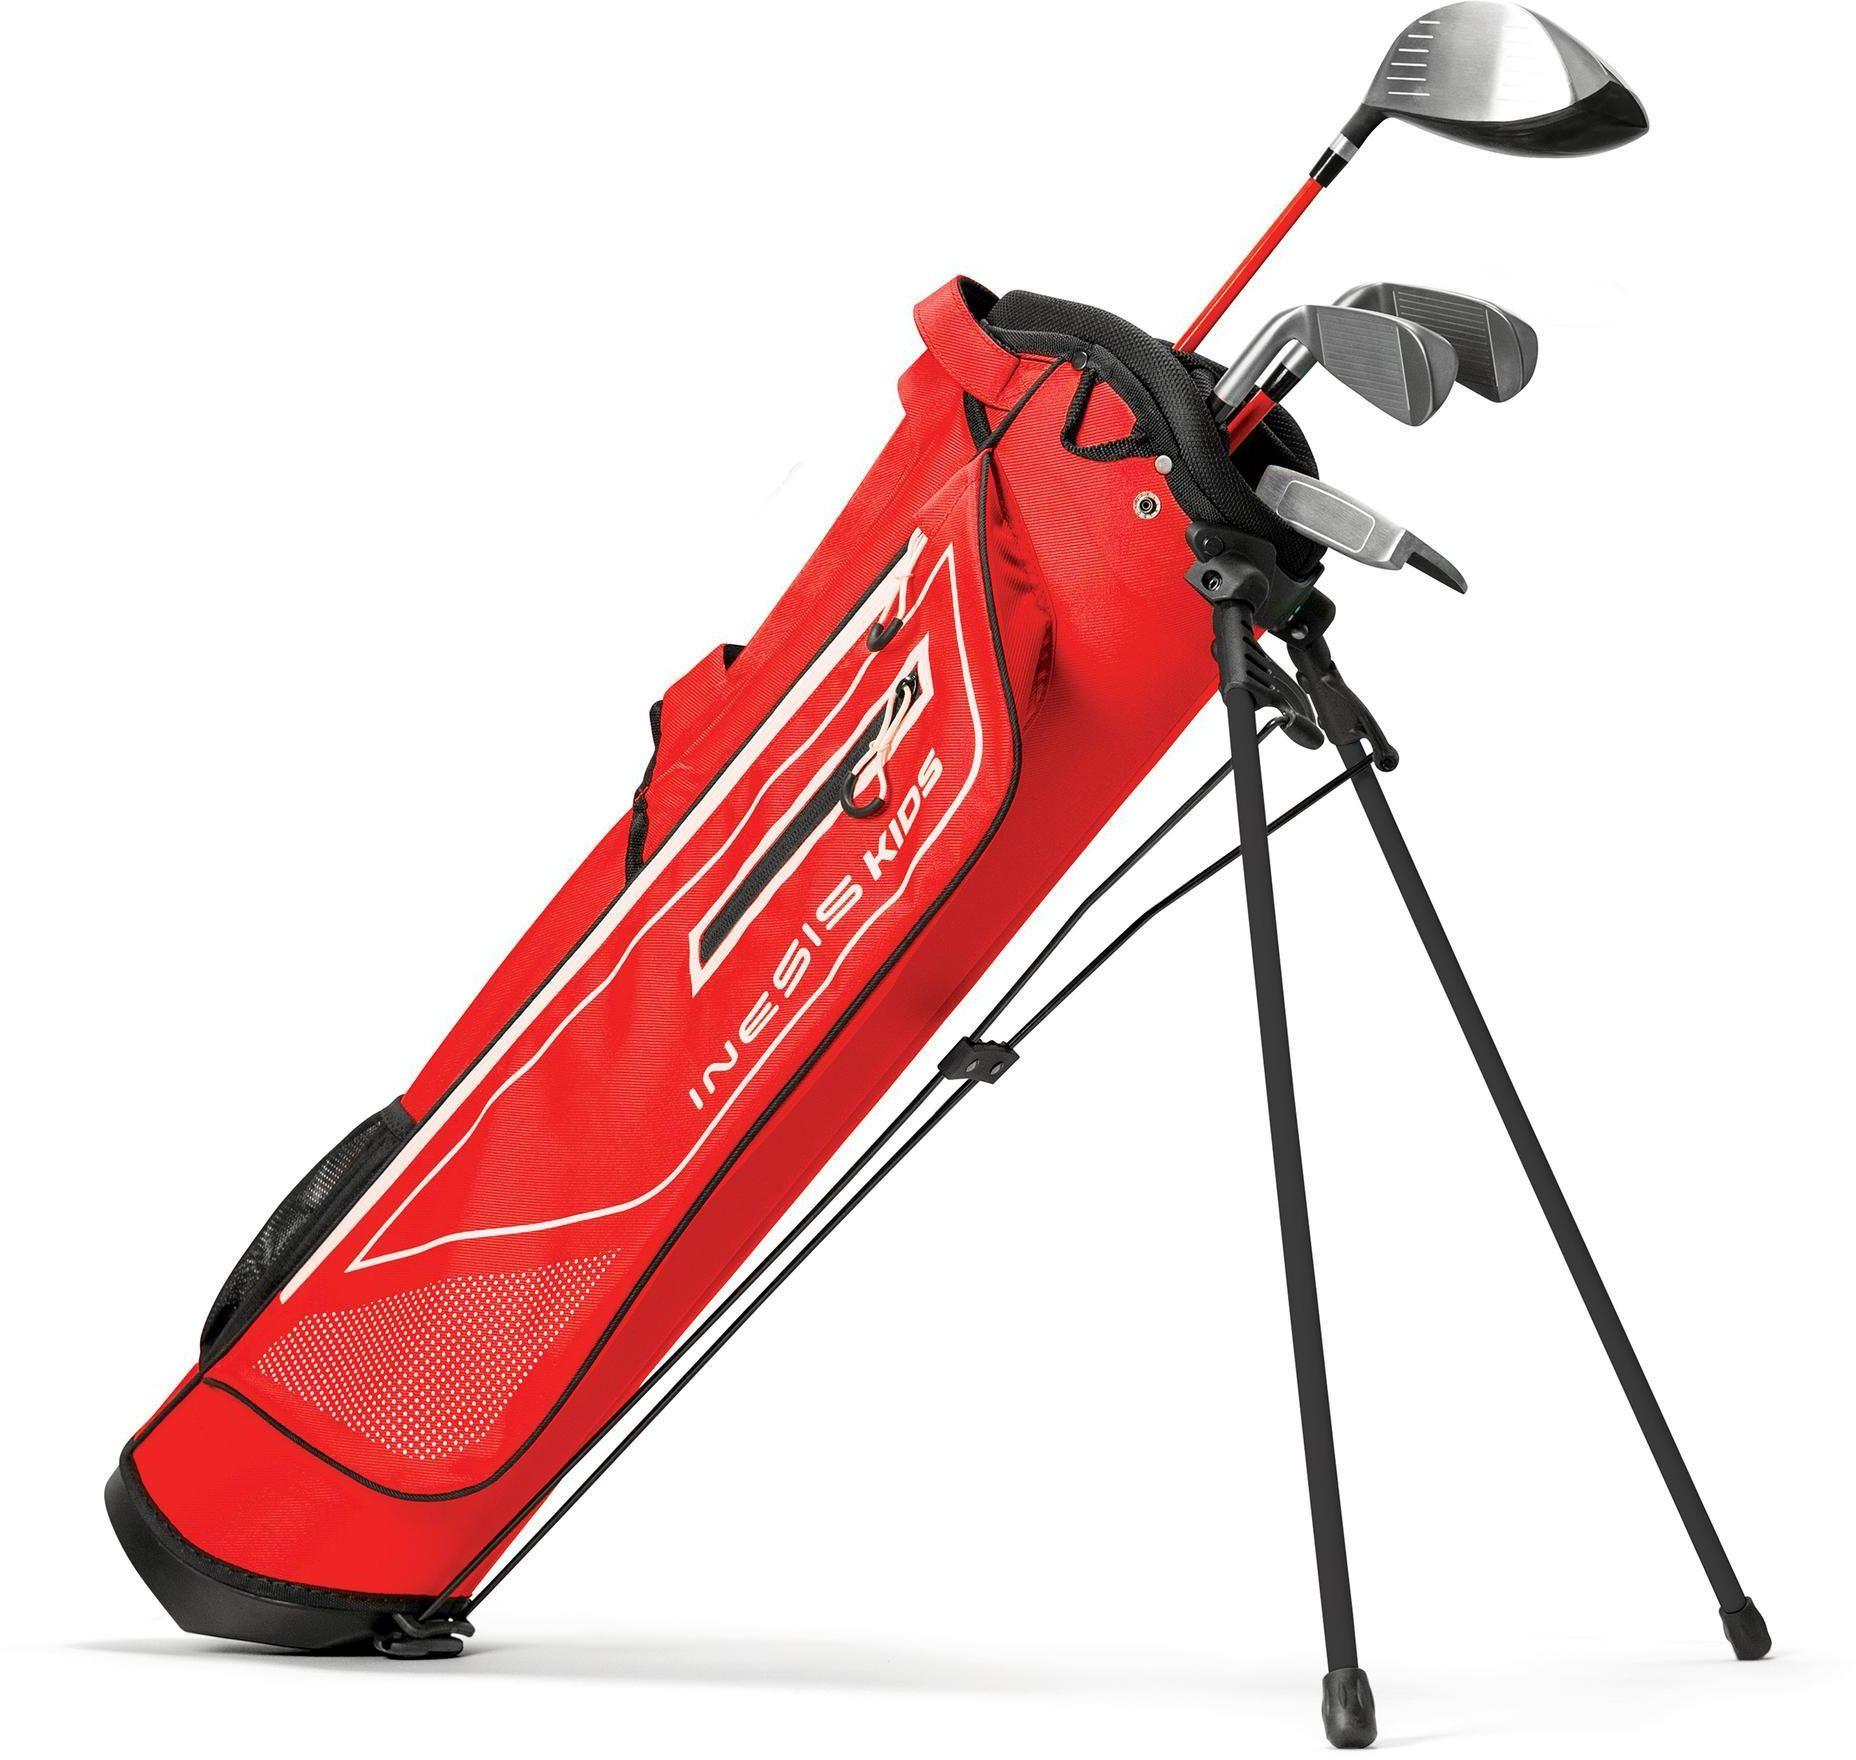 Kije golfowe zestaw dla dzieci 8-10 lat dla praworęcznych